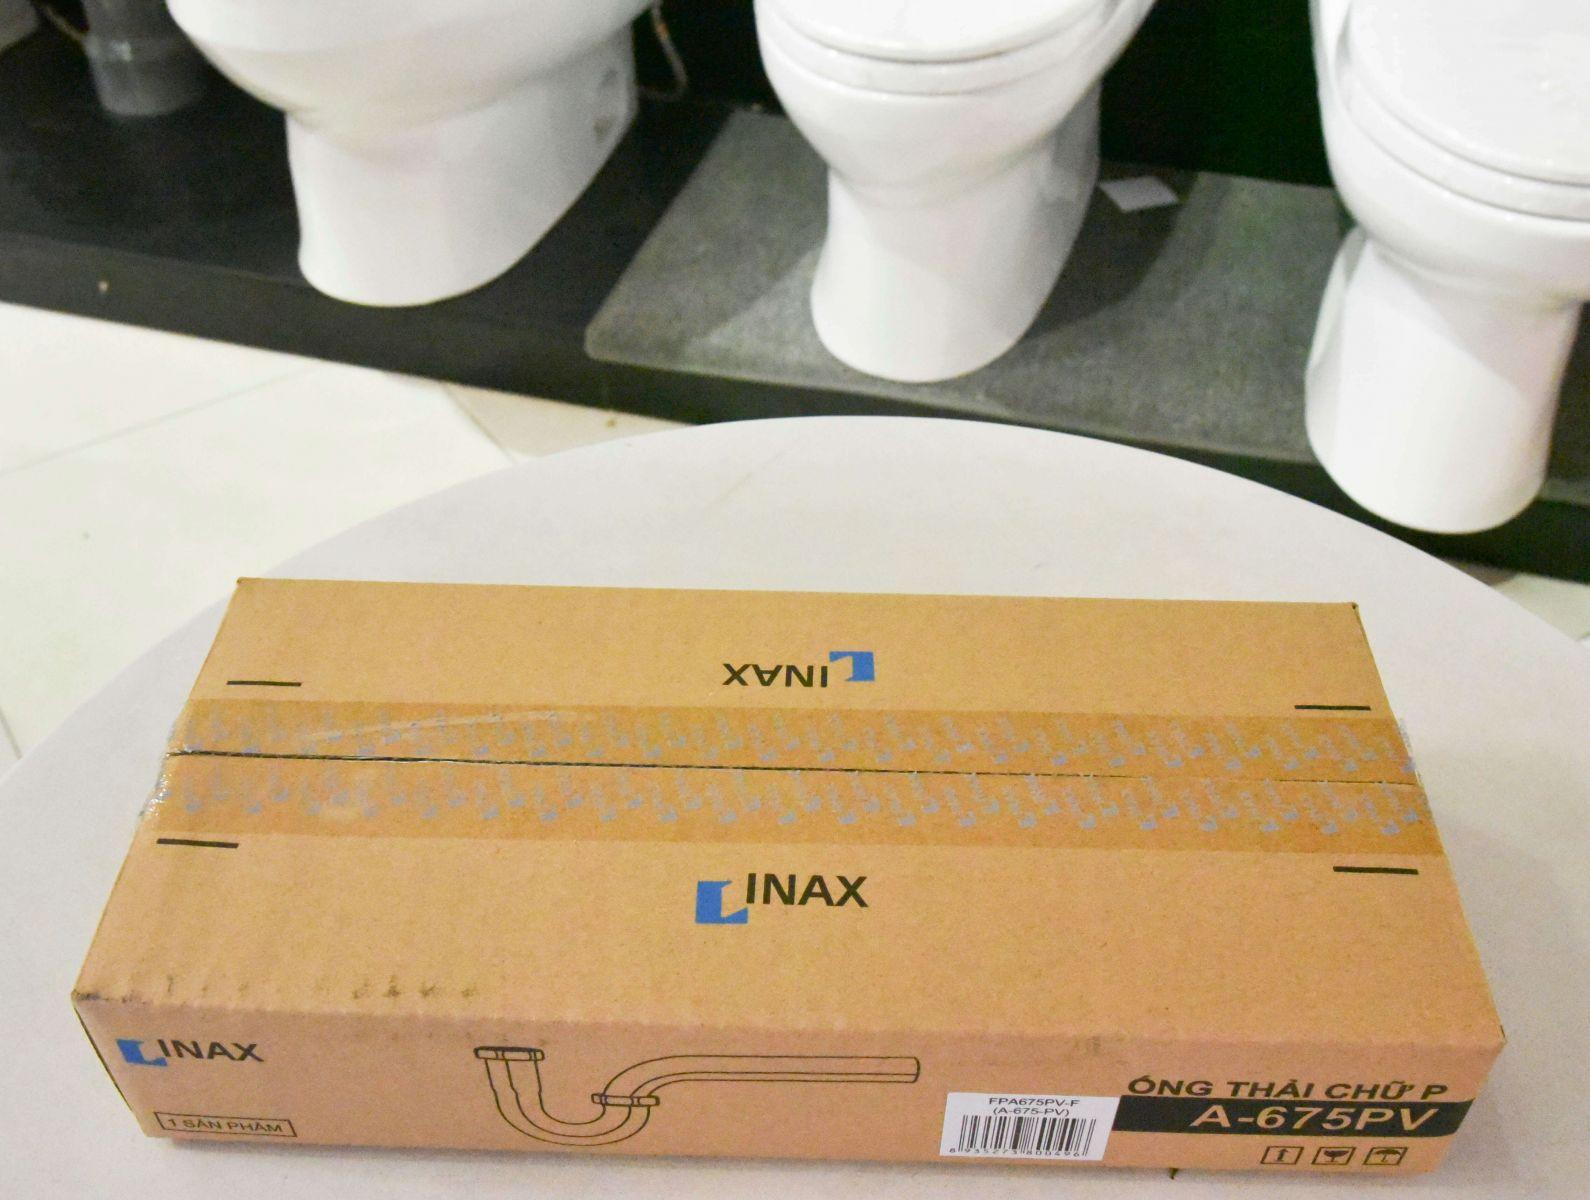 Băng keo Inax thật có in logo, Cách phân biệt thiết bị vệ sinh Inax thật giả, cách nhận biết bồn cầu inax chính hãng